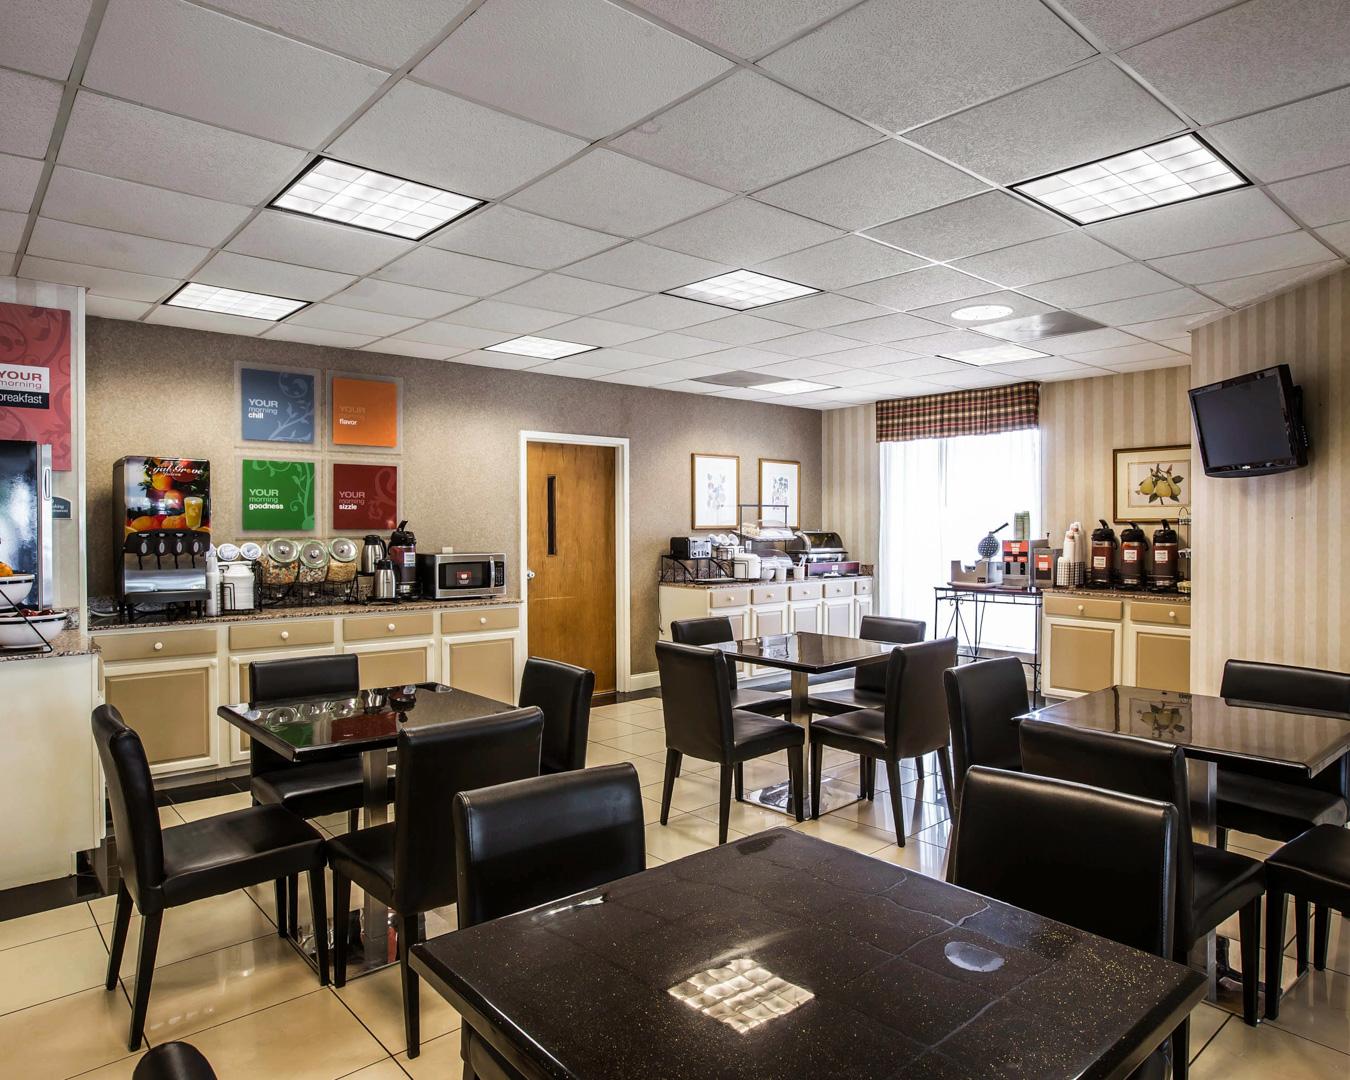 Rodeway Inn Millennium In Greenville Sc Whitepages